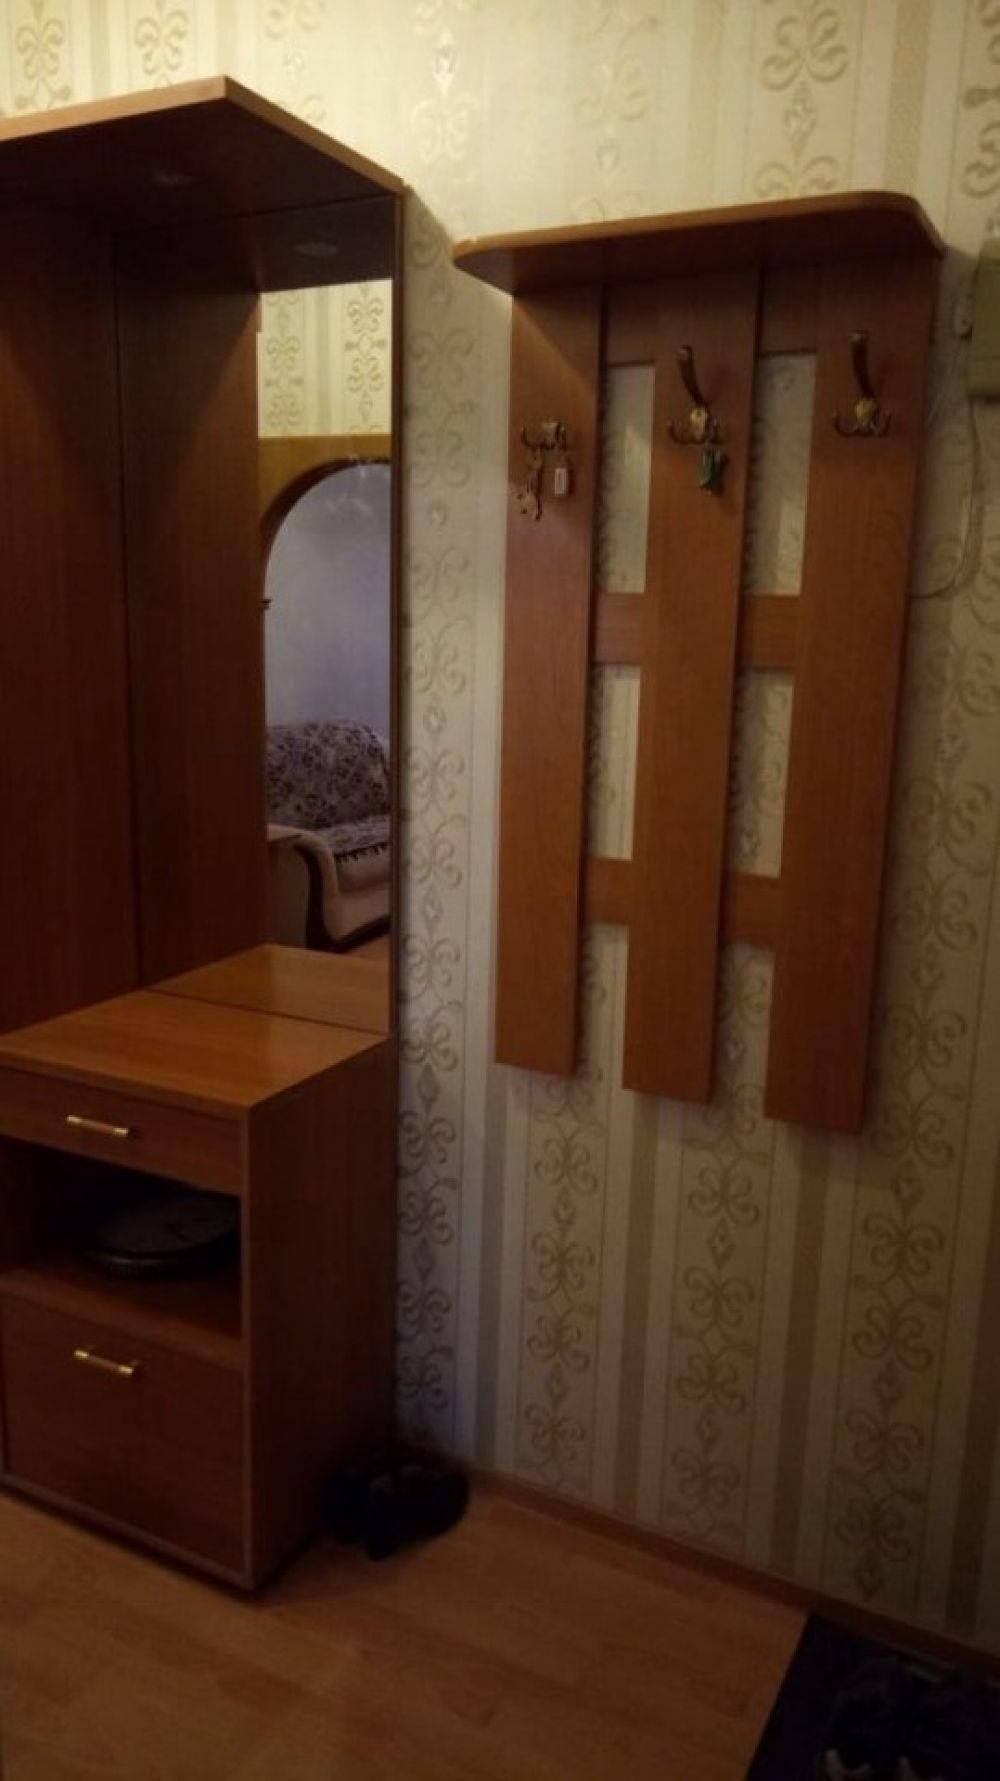 Продается 3-х комнатная квартира в Щелково Заречная 4, фото 4